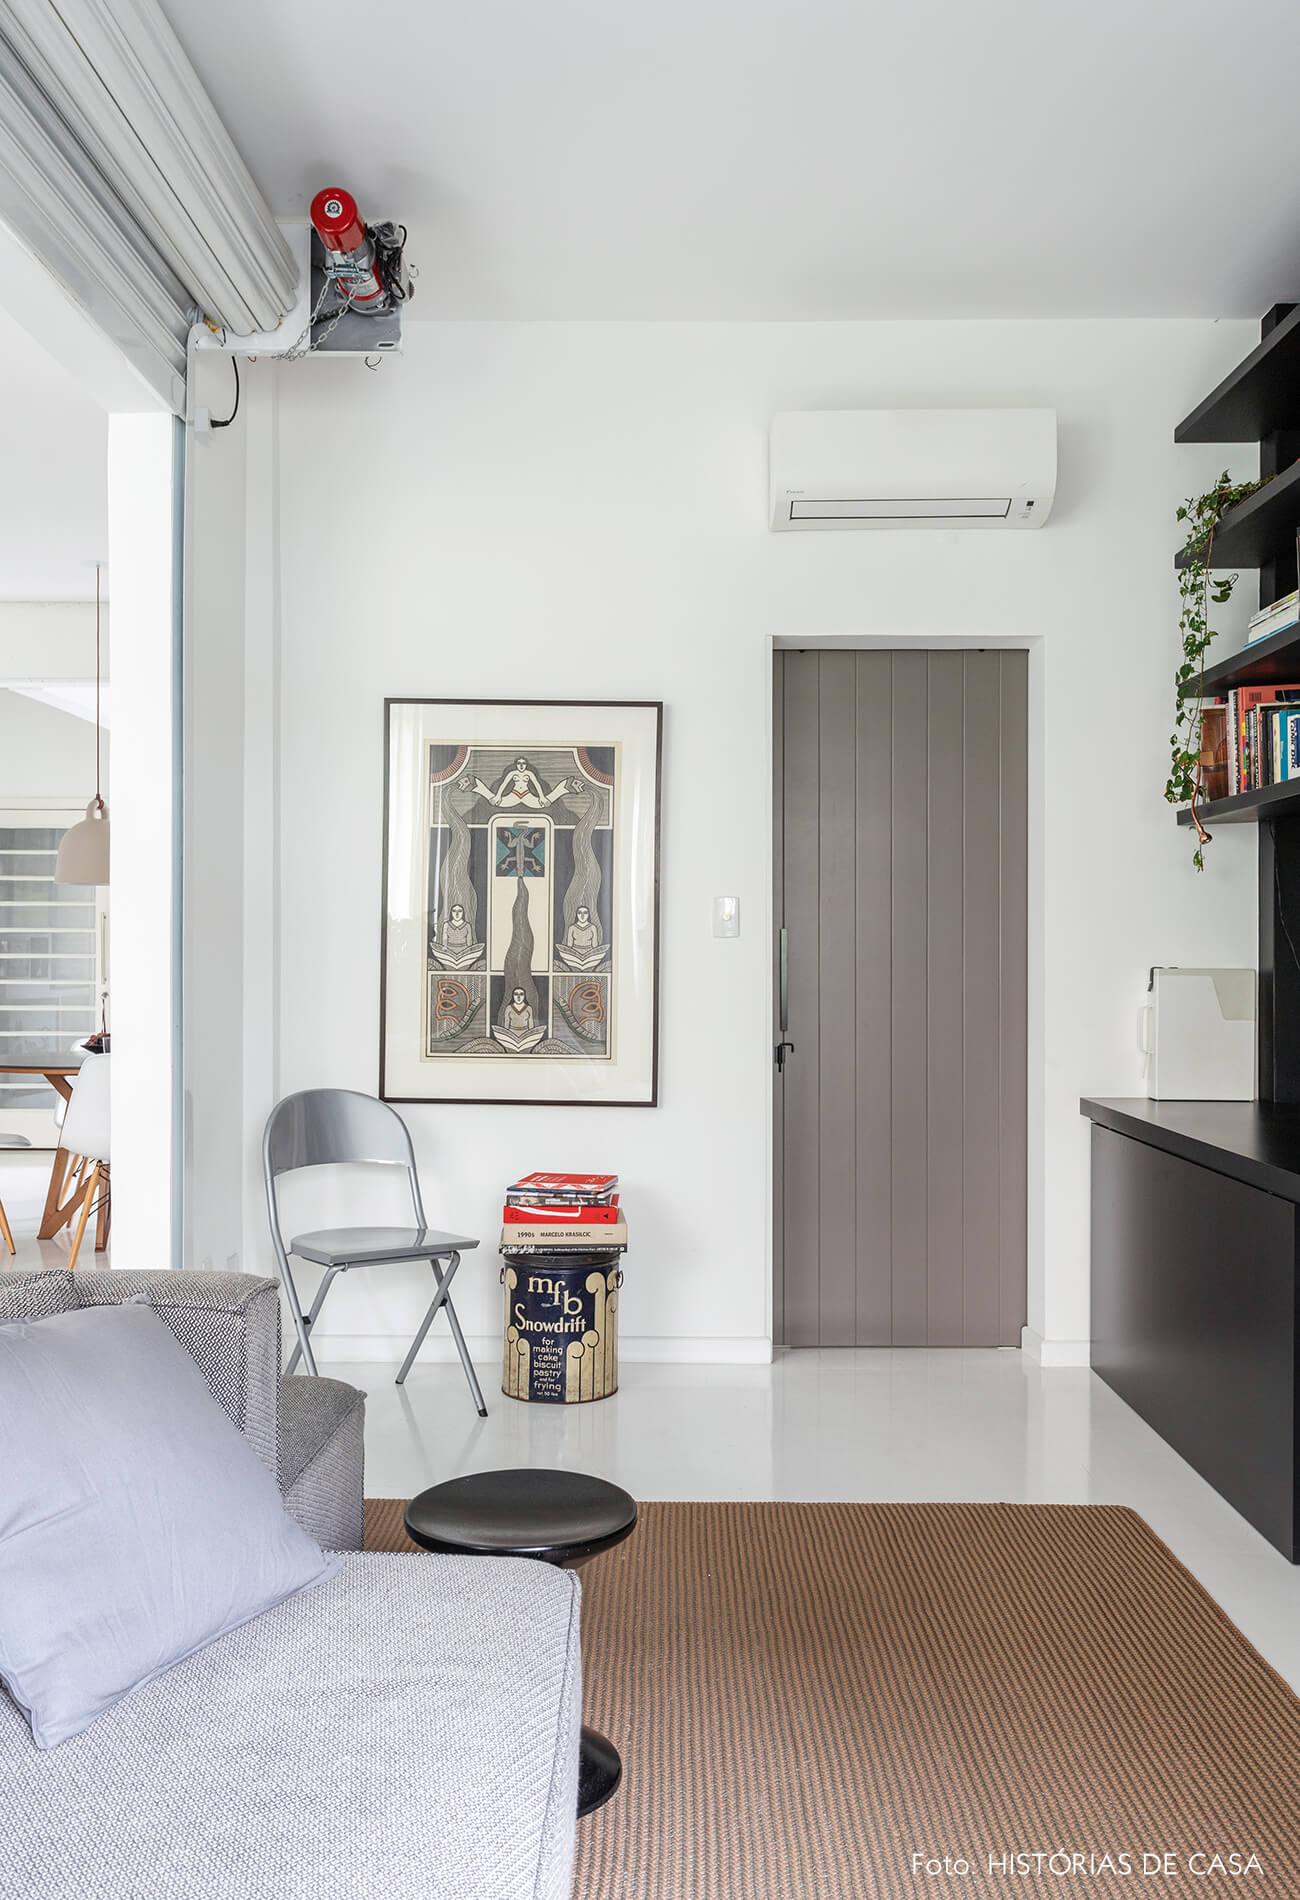 Apartamento escandinavo, sala com estante preta e porta cinza